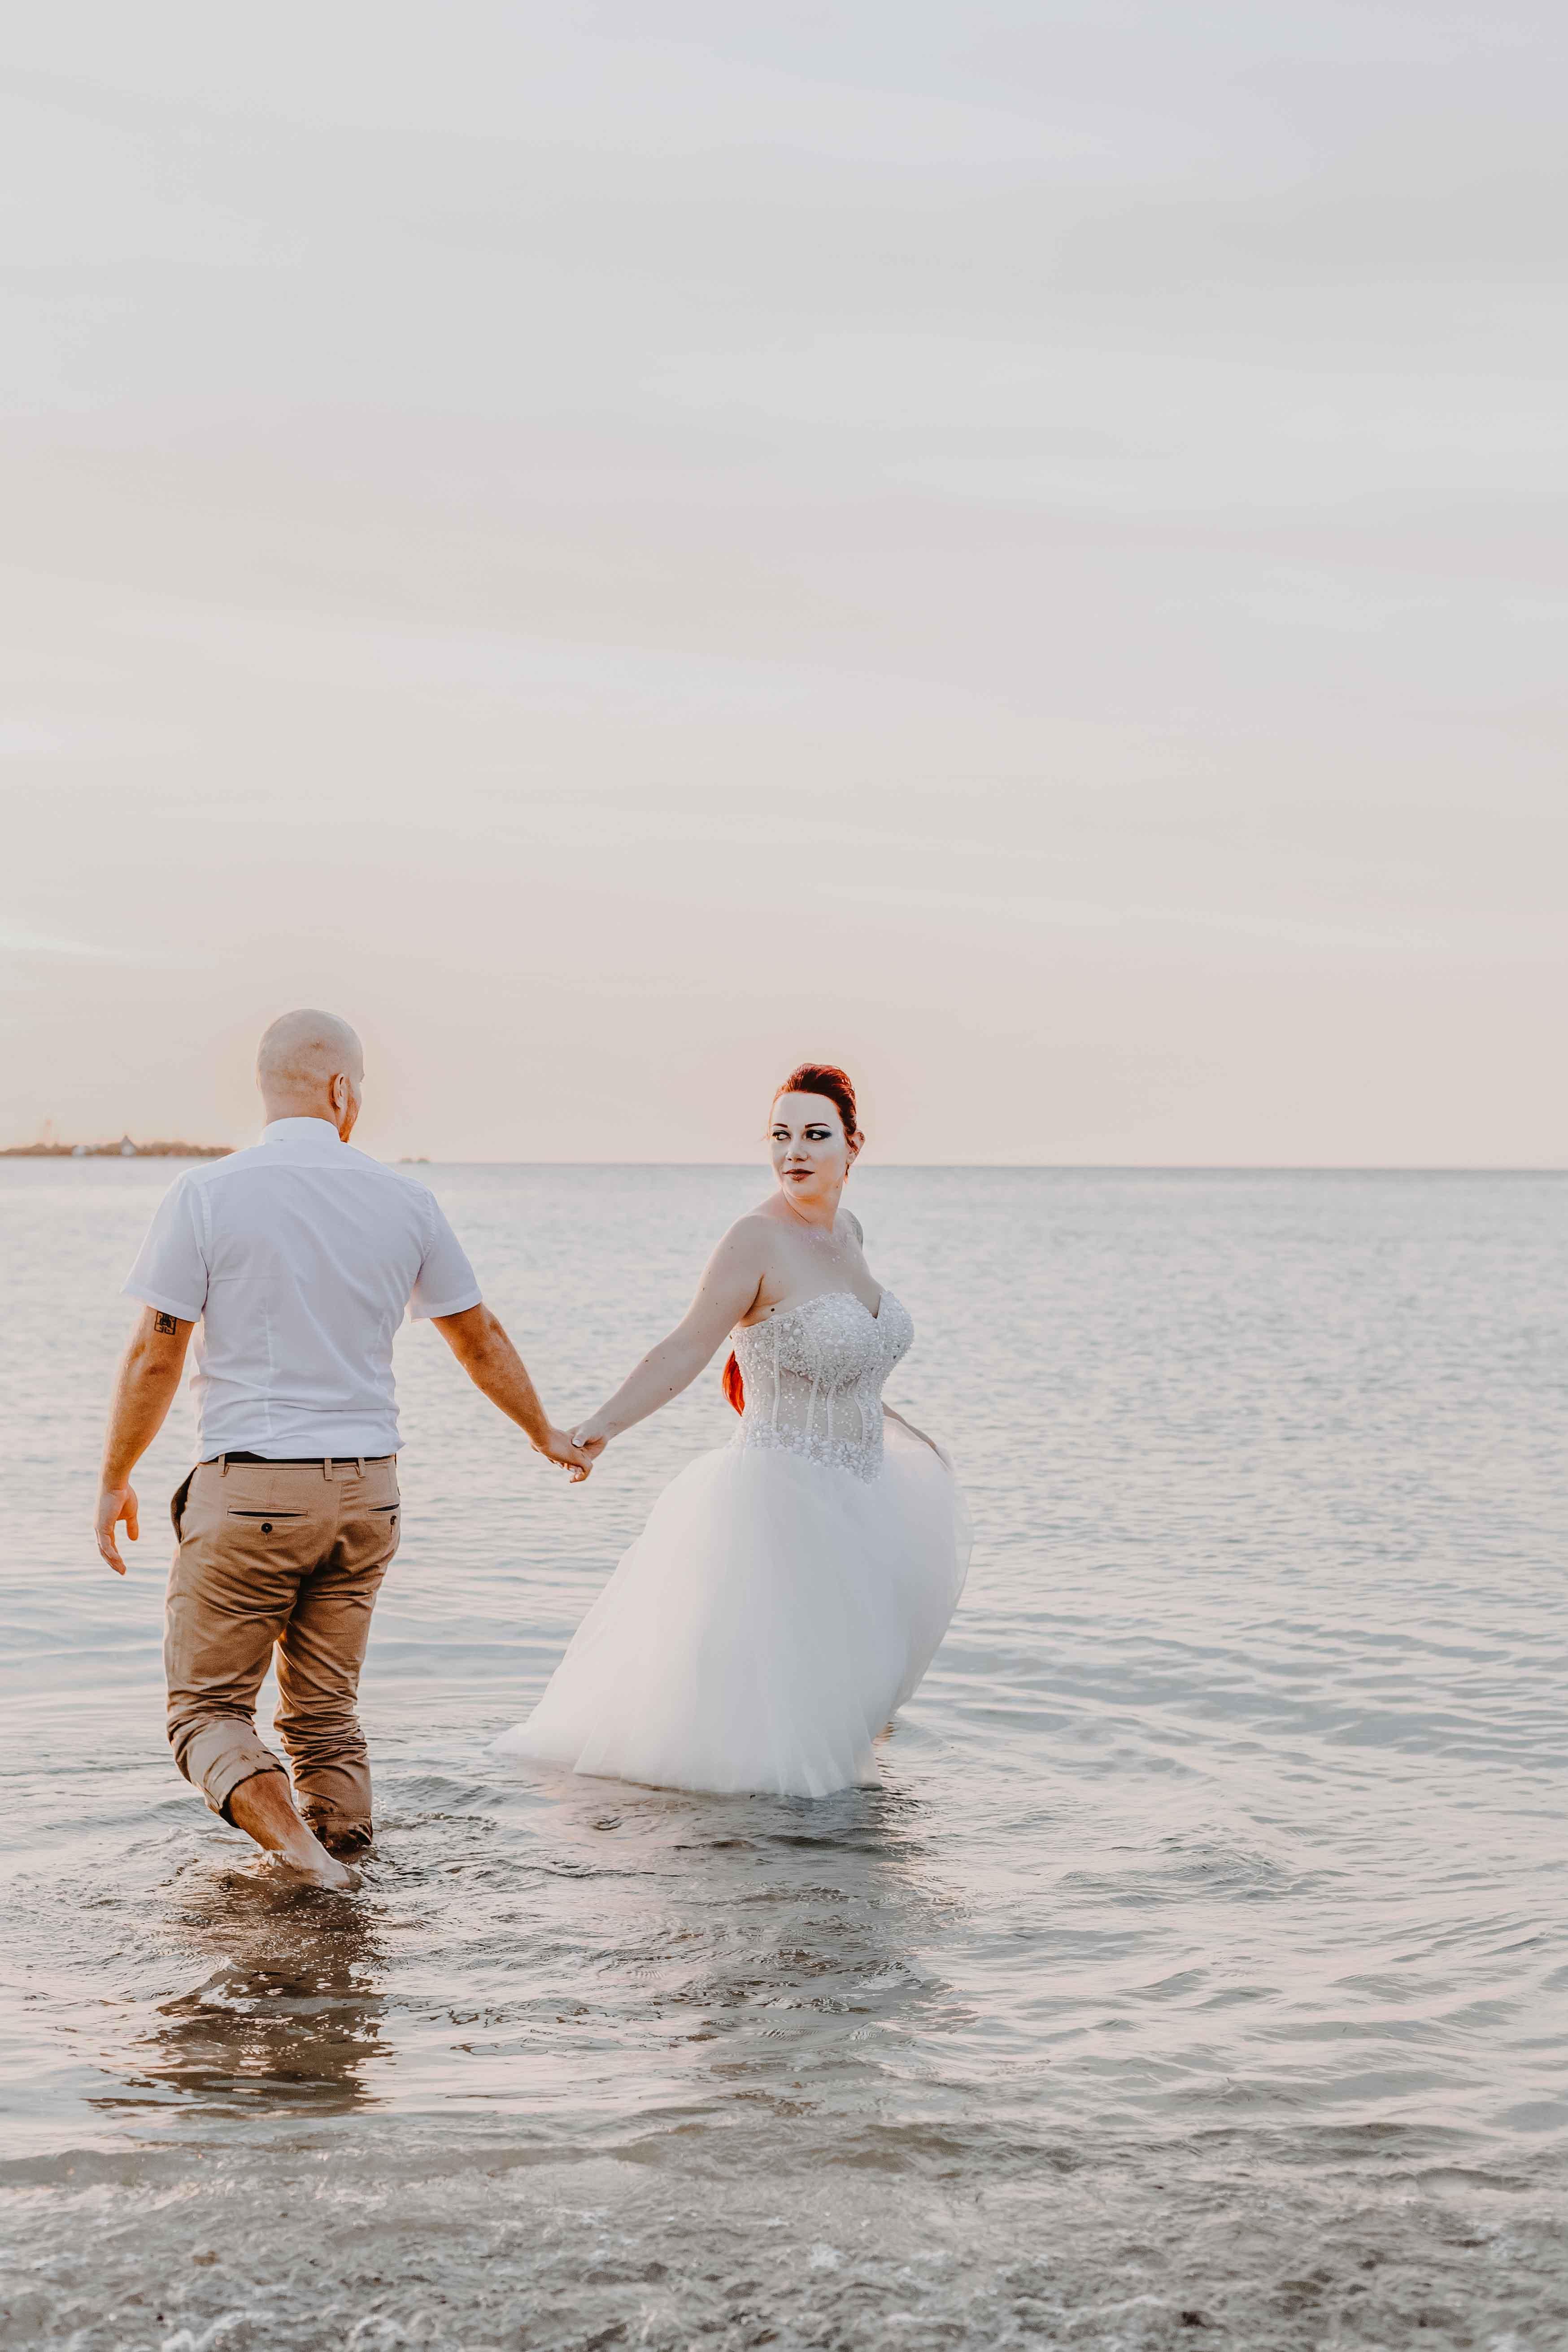 séance photo crash the dress dans la mer mariage . les mariés dansent les pieds dans l'eau